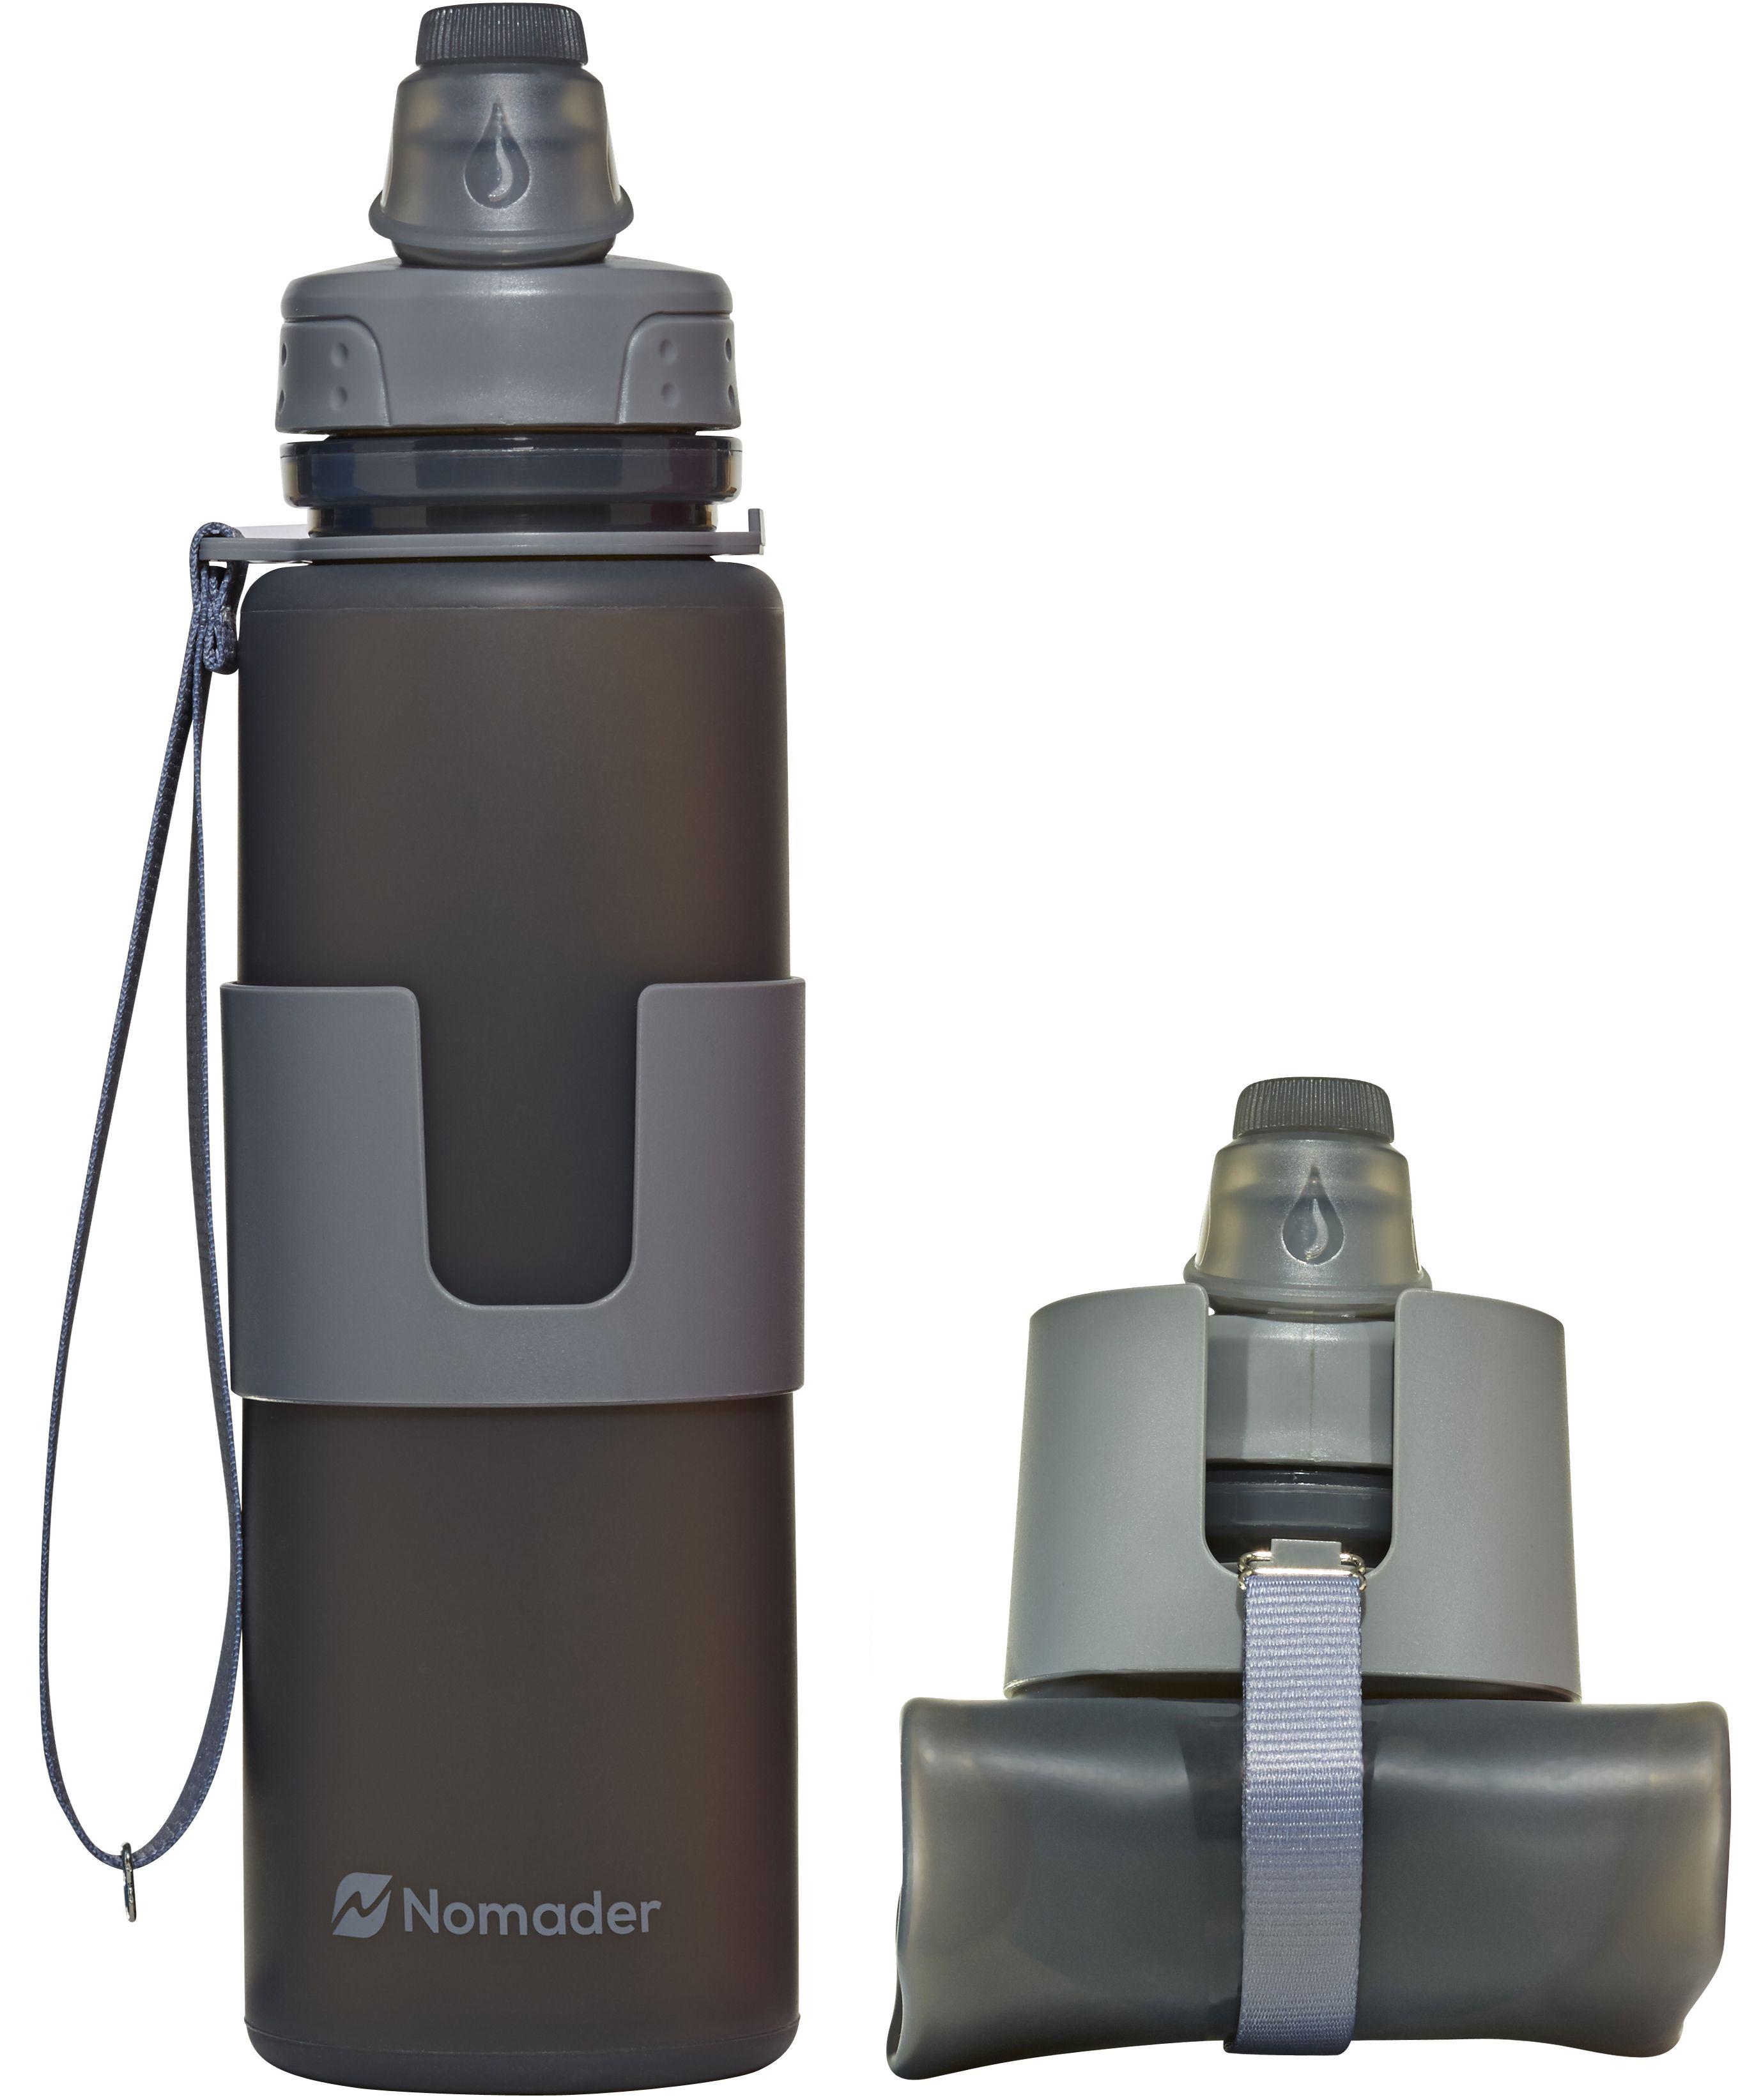 Image result for nomader bottle